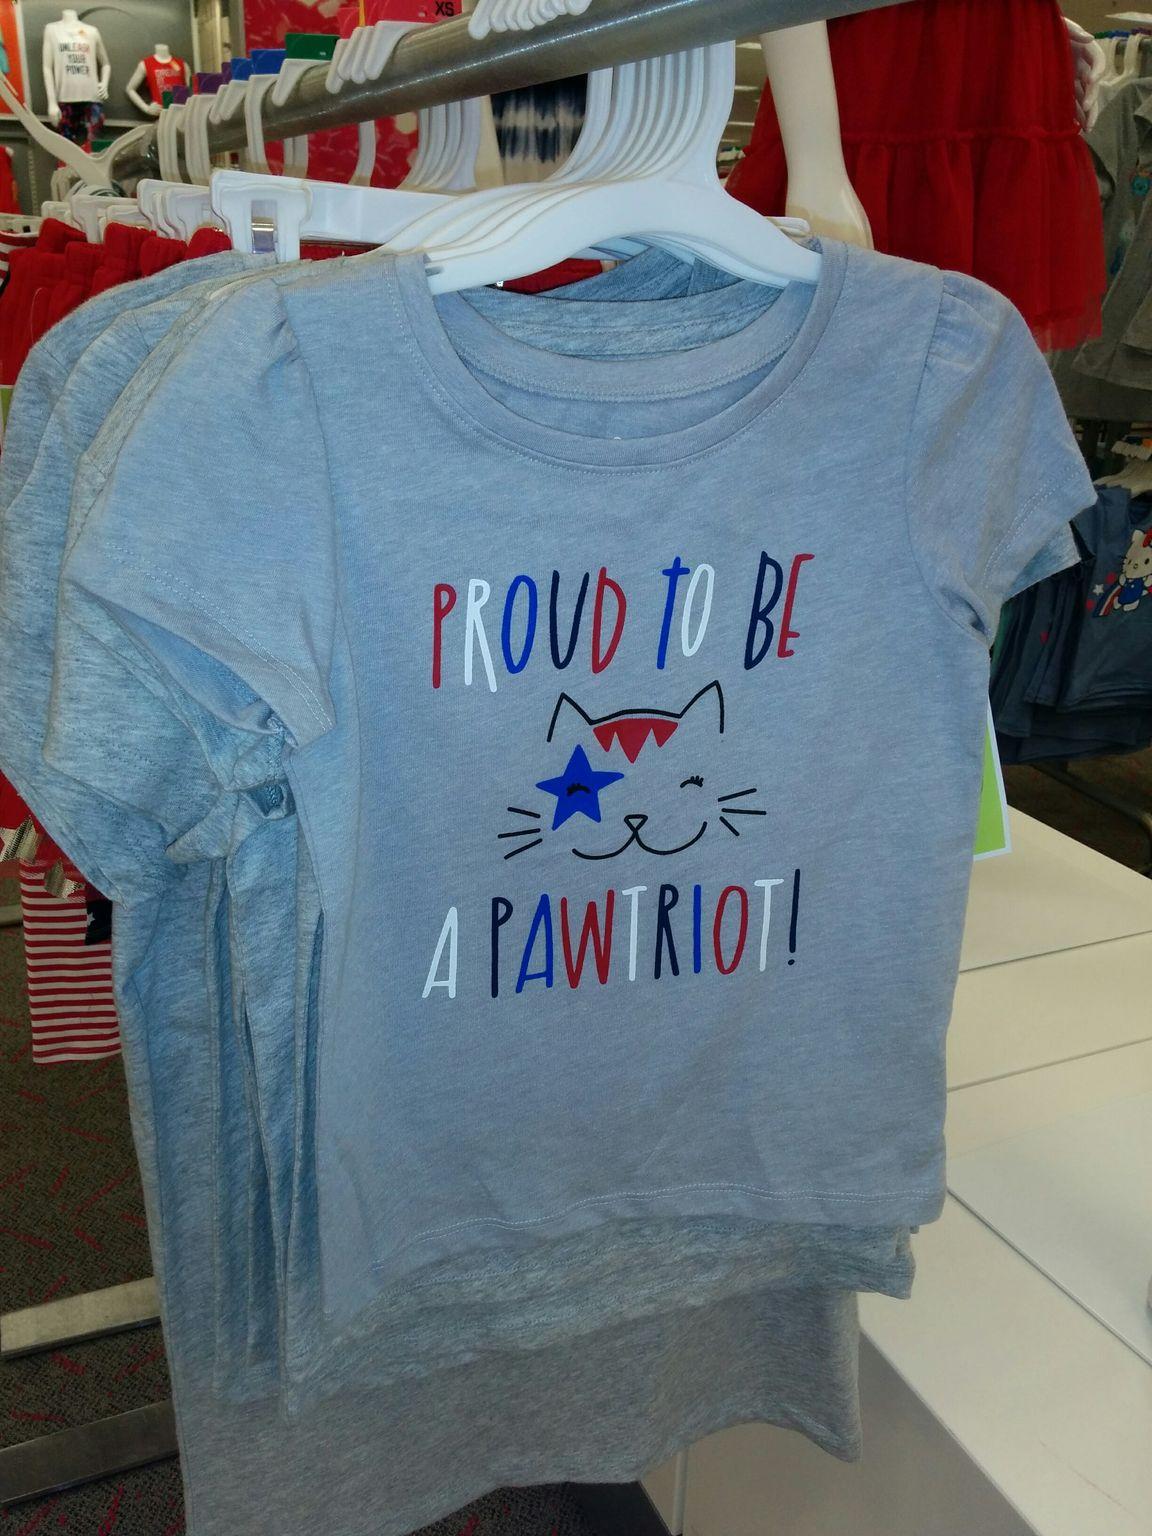 Un t-shirt pour ceux qui aiment les USA et les chats : un jeu de mot entre patriot et paw (patte).